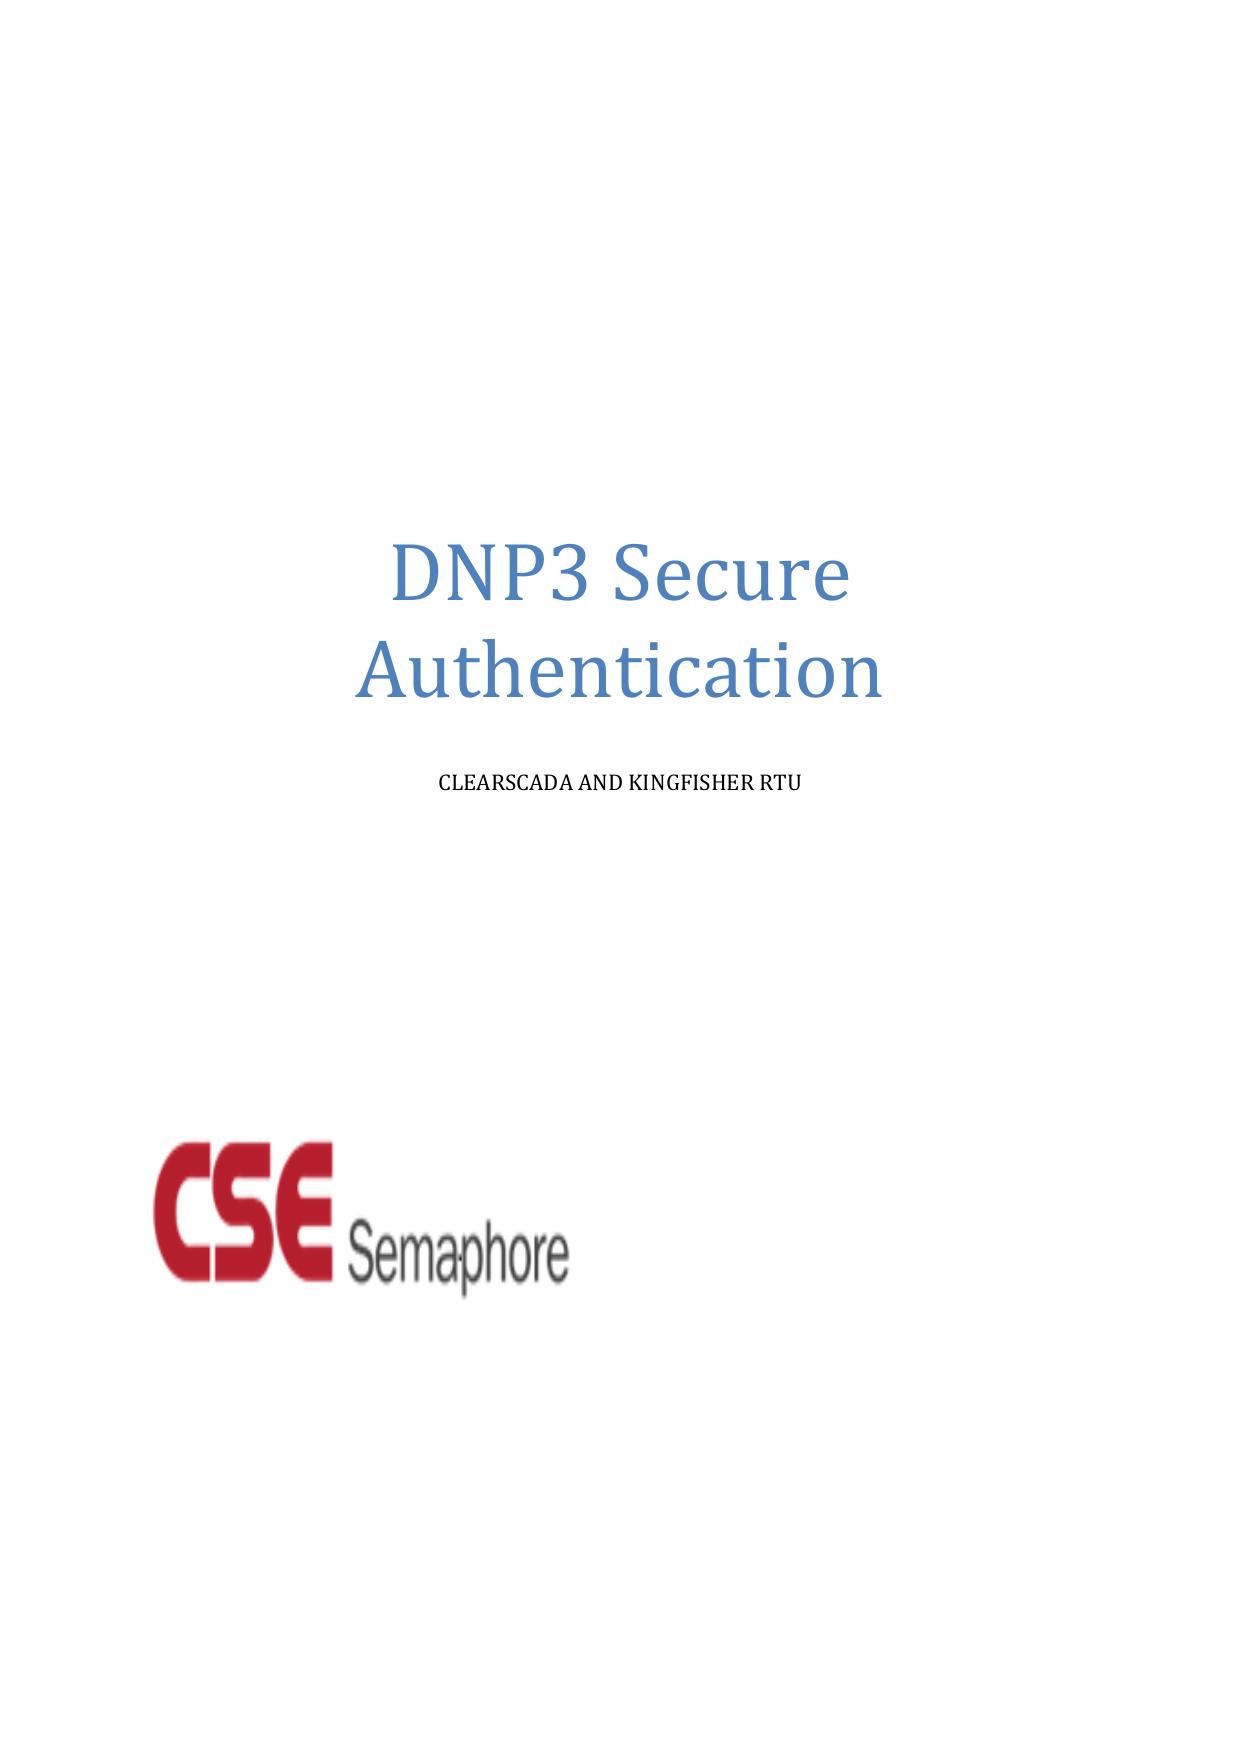 DNP3 Secure Authentication | manualzz com